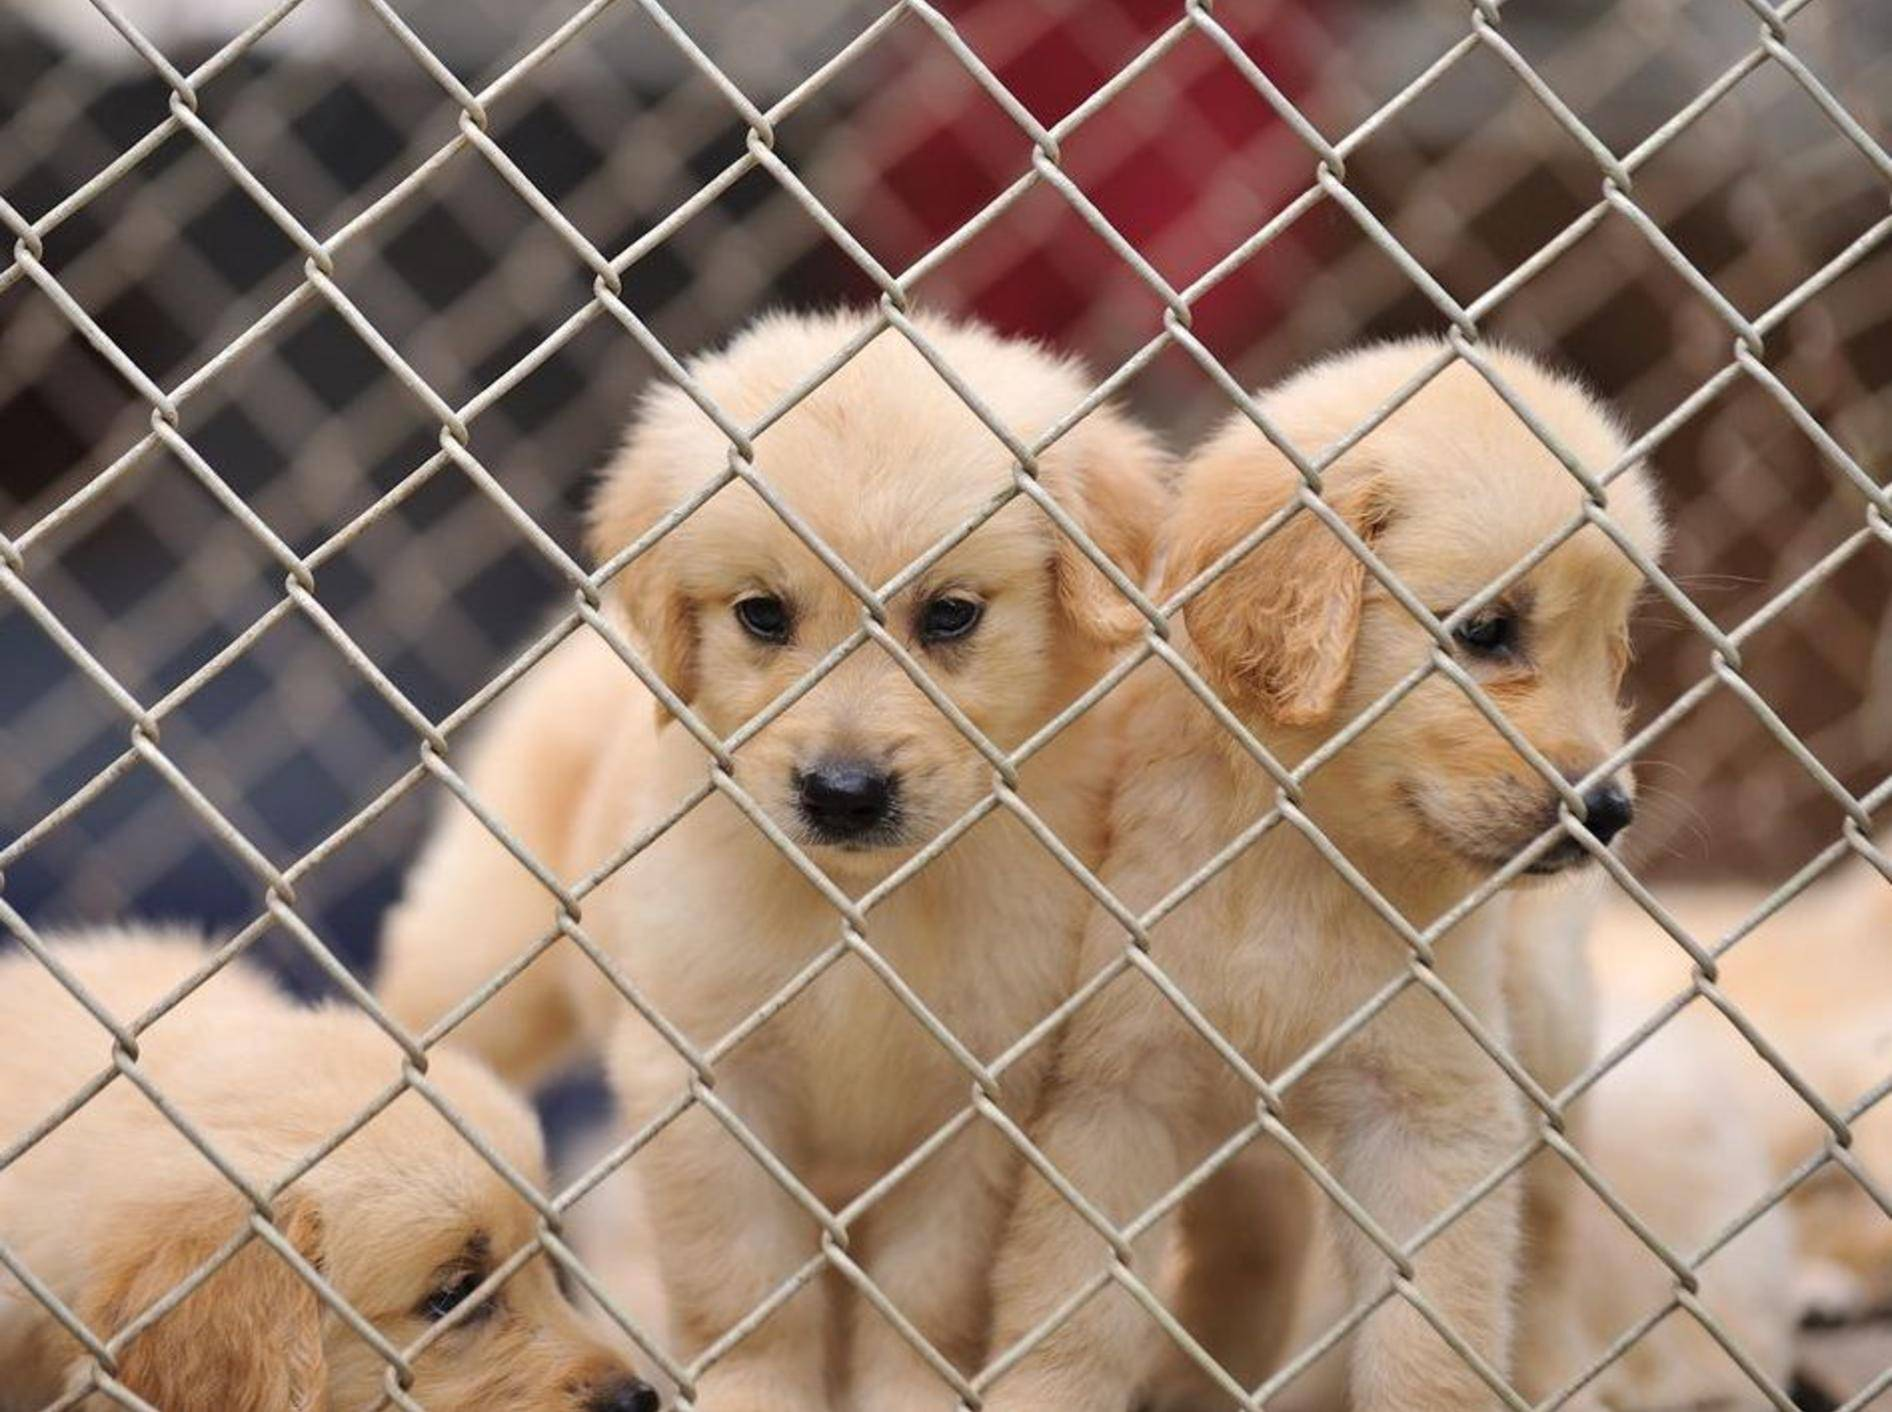 Der Handel mit Hundewelpen hat inzwischen mafiöse Strukturen angenommen